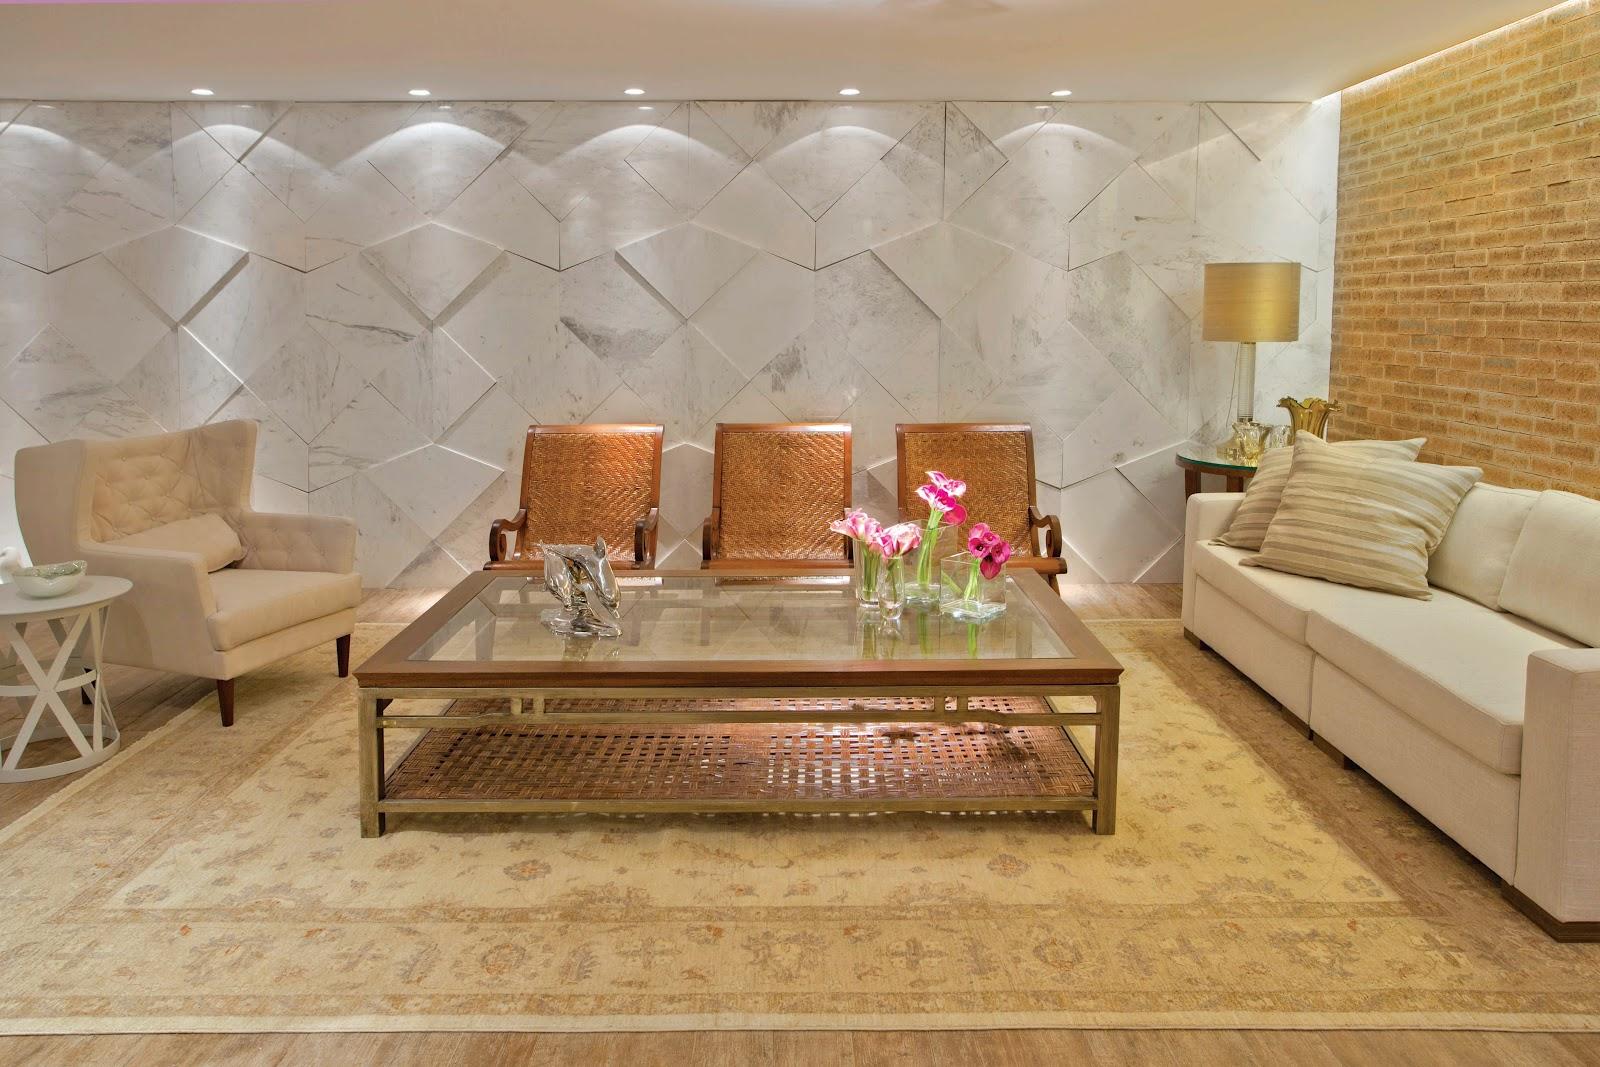 Decoração de interiores Revestimento 3d paredes decoradas:PaP Como  #AD1E60 1600 1067